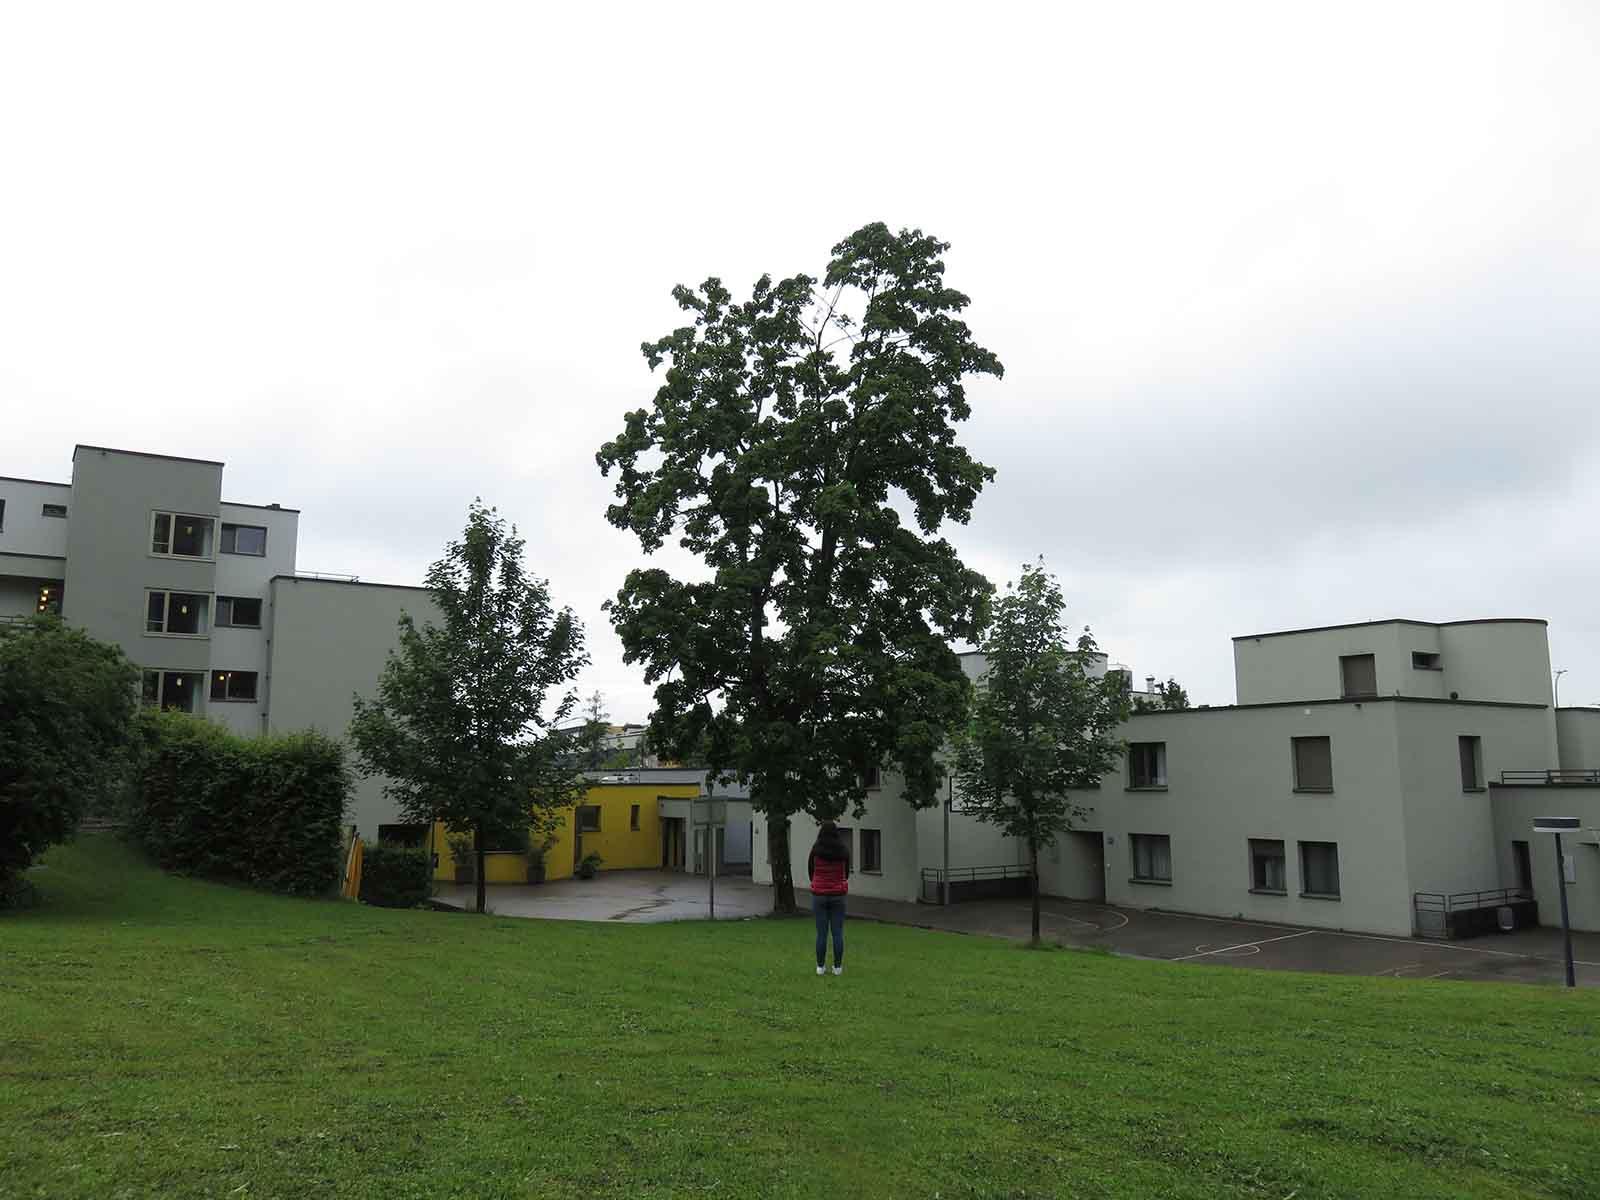 Jugendliche auf dem Areal des Wohn und Tageszentrums Heizenholz.